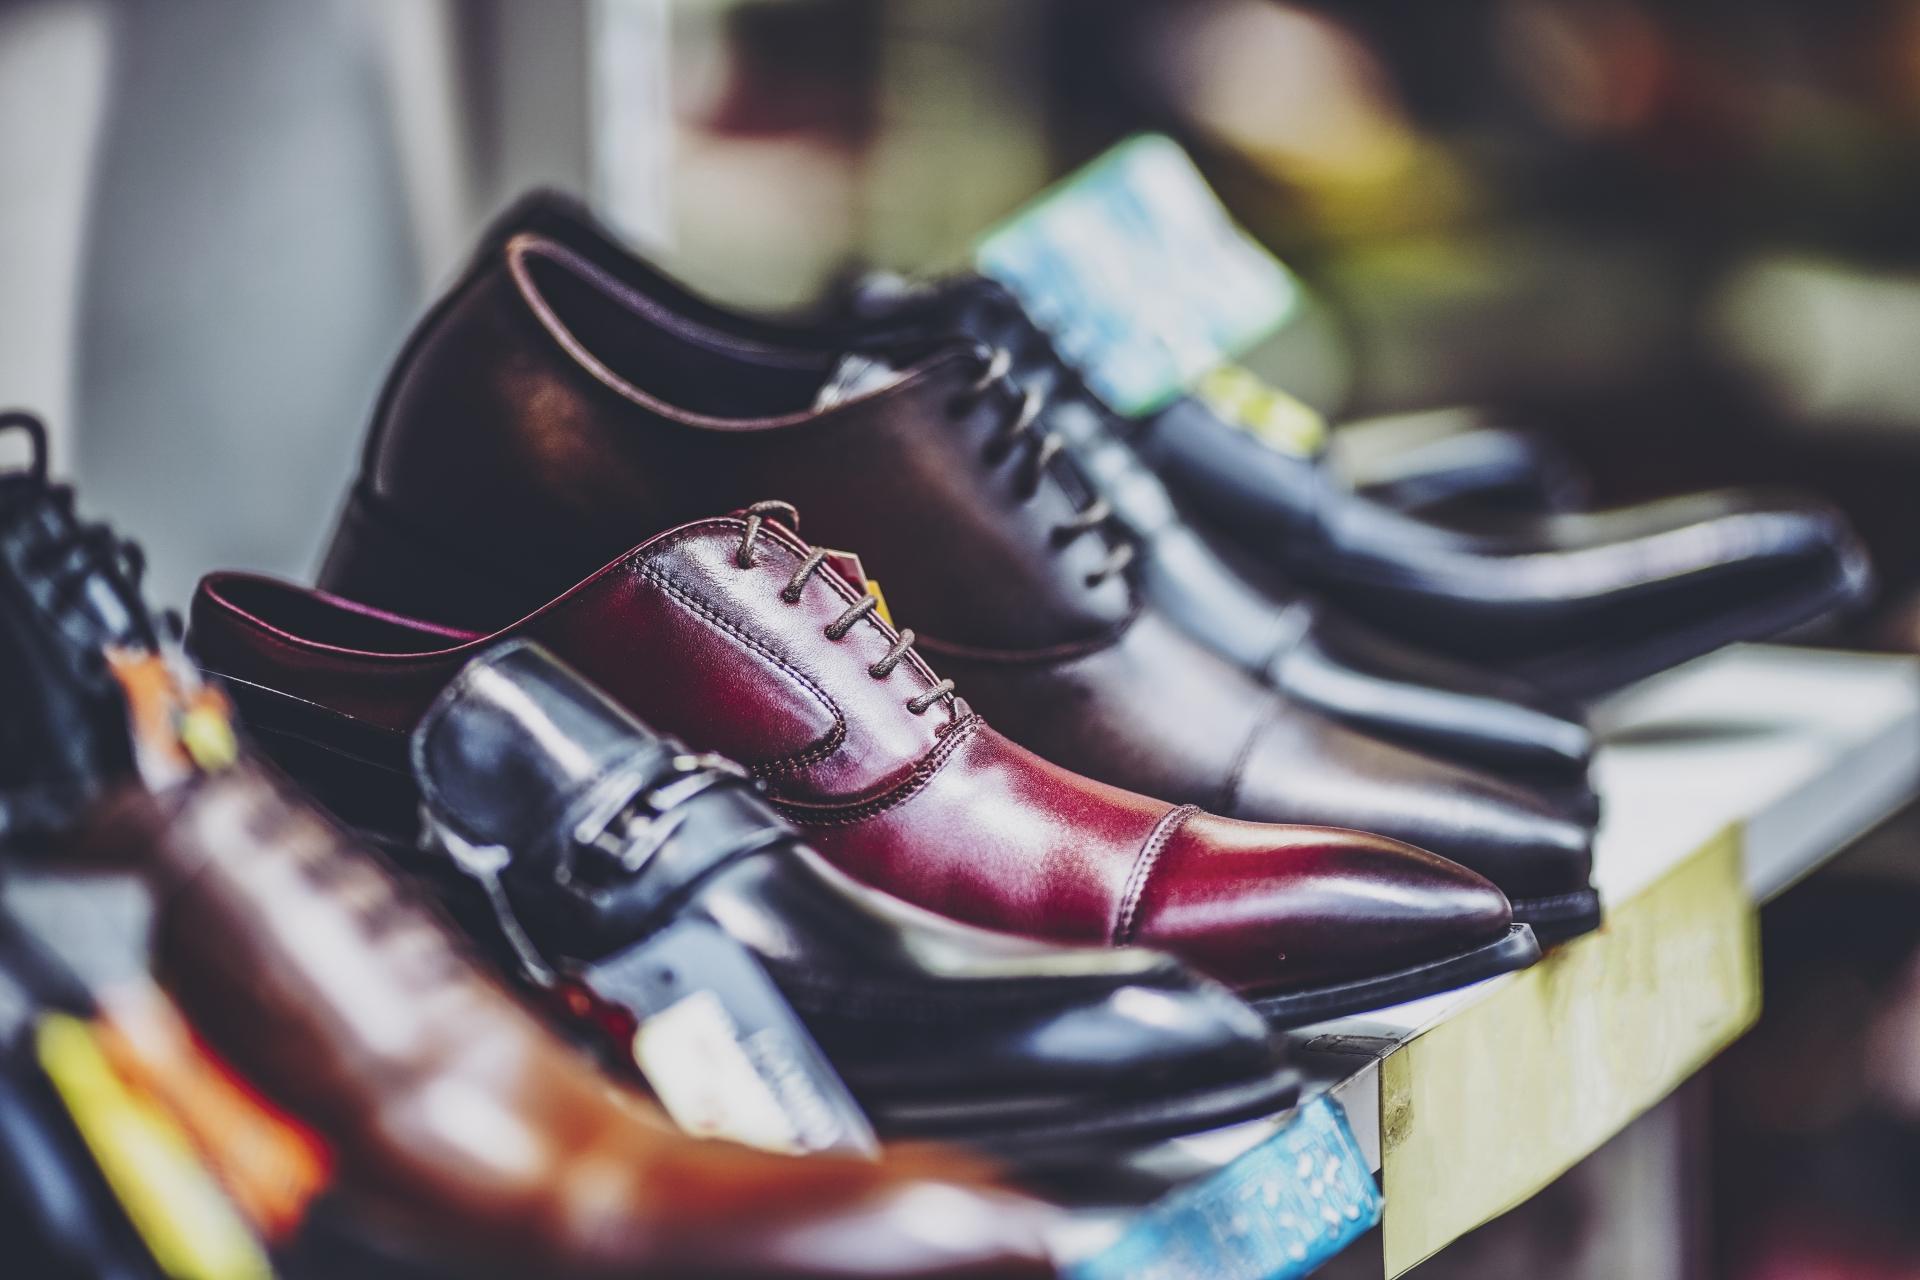 【葬儀 靴】葬儀でどんな靴を履けばいいの!?相応しい靴と避けたい靴